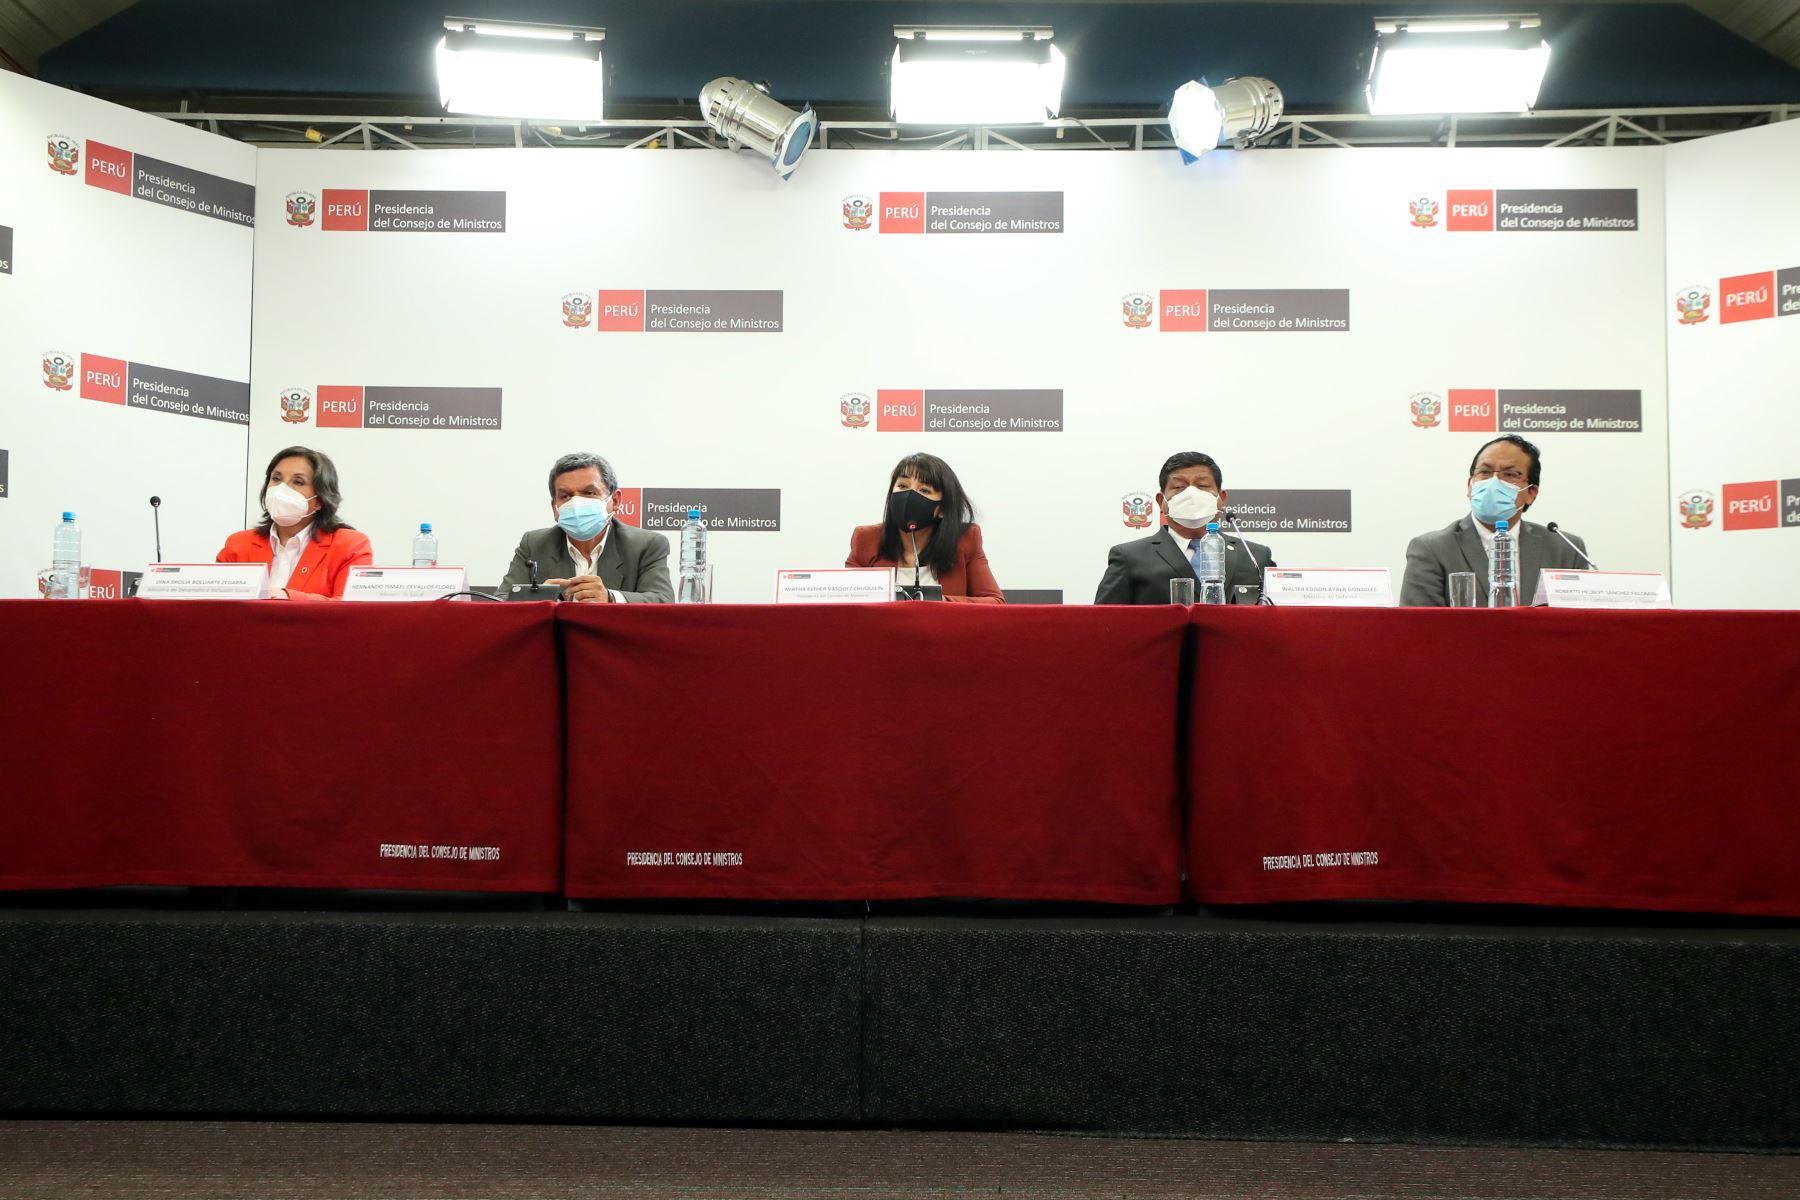 La jefa de Gabinete Ministerial, Mirtha Vásquez, junto a ministros de Estado, informaron a la ciudadanía sobre medidas adoptadas y acciones articuladas en el Consejo de Ministros para atender las necesidades urgentes de la población. Foto: PCM